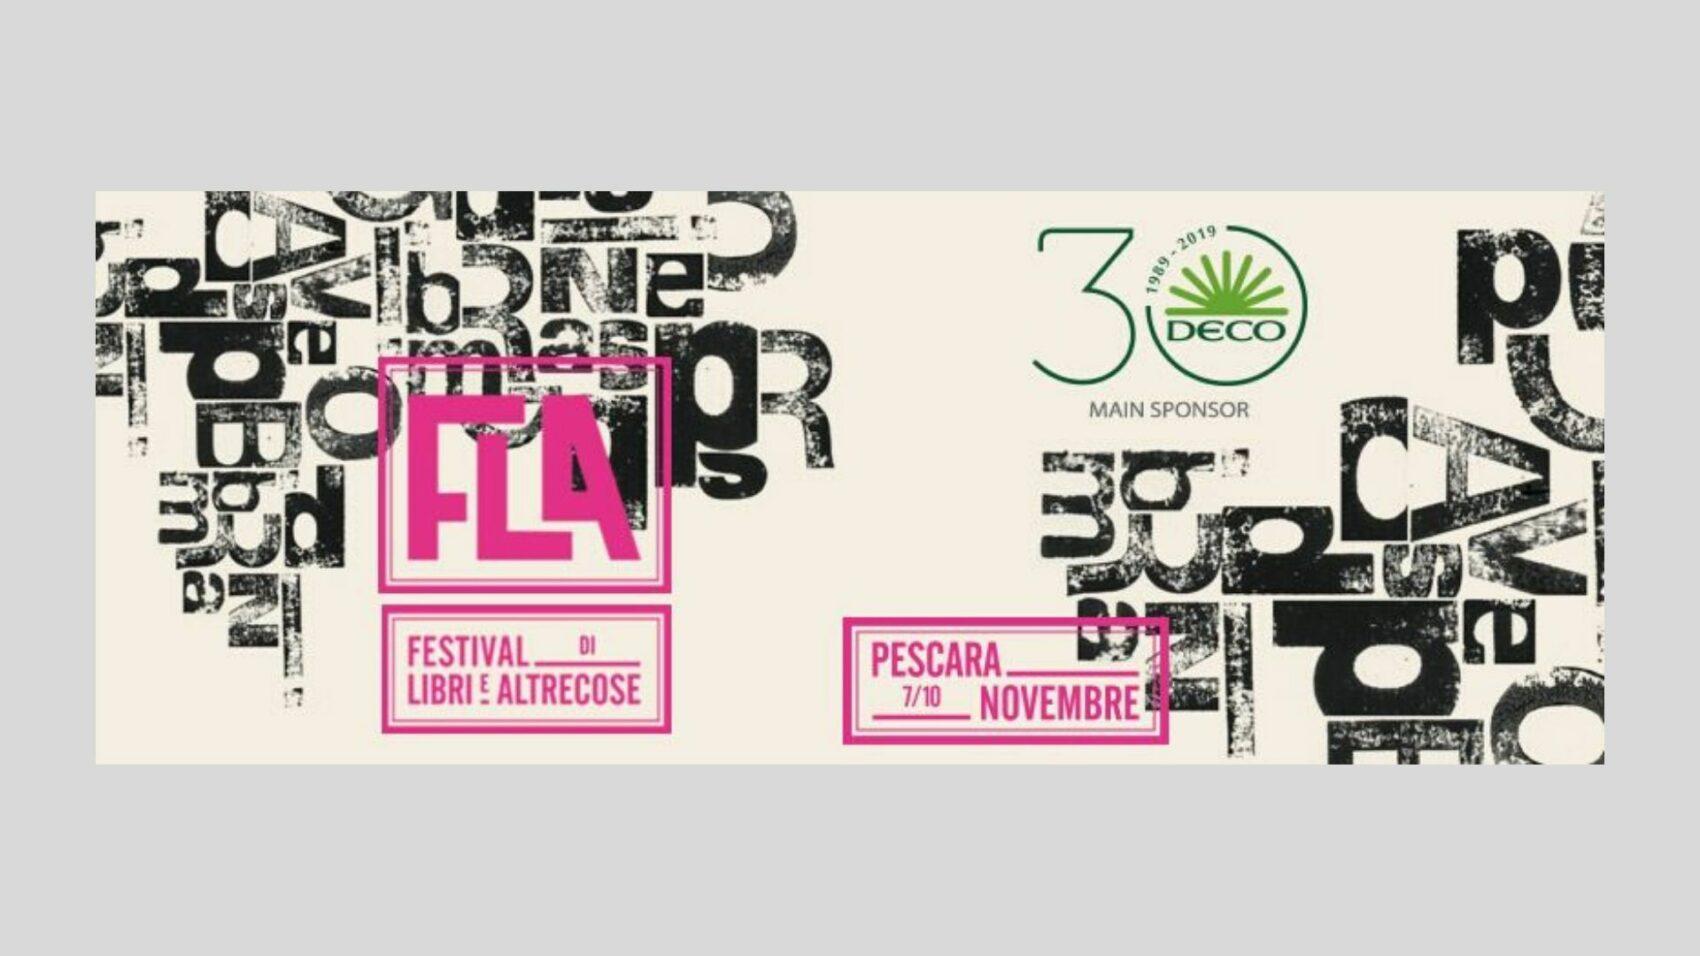 Fla Festival